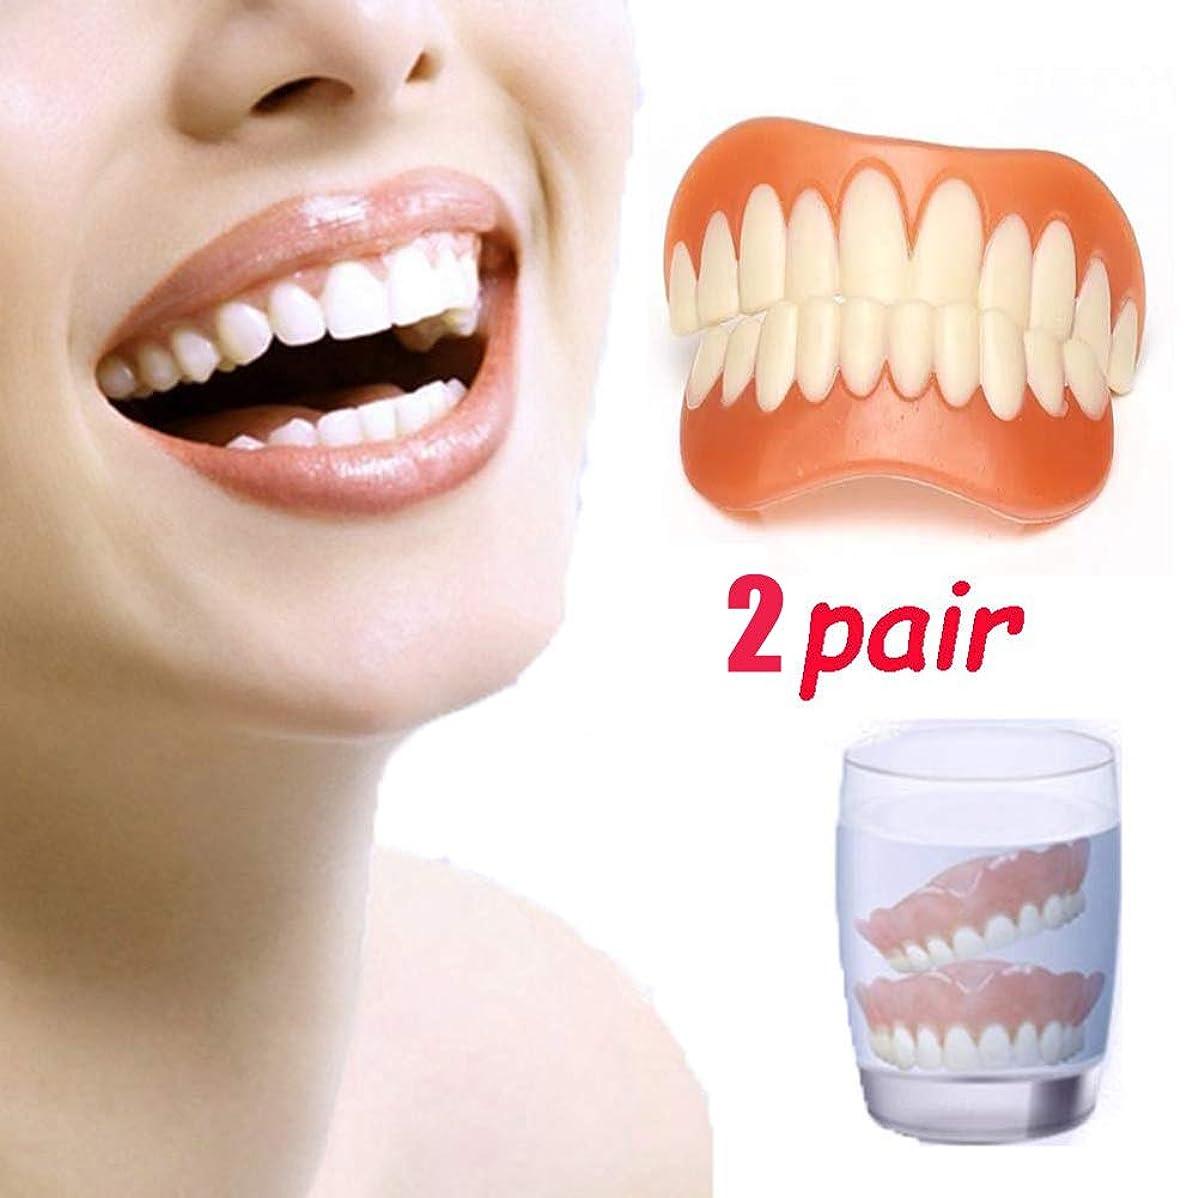 青写真細心の枯れる2ペアスナップスマイル化粧品の歯再使用可能な快適さの歯の化粧品のステッカーあなたが常に欲しかったことをその笑顔を得る